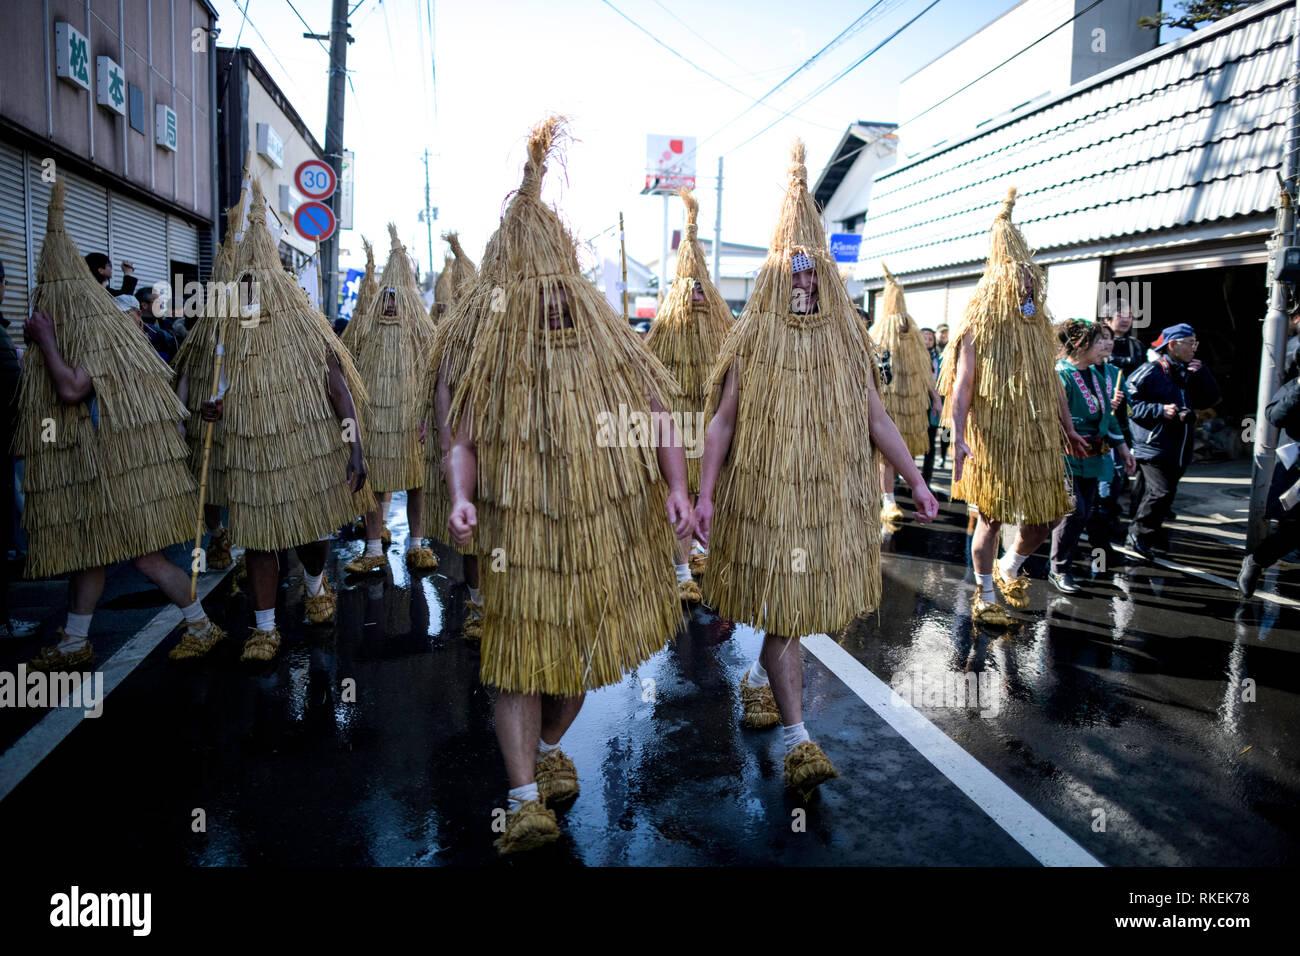 Kaminoyama, au Japon. Feb 11, 2019. Les participants habillés en 'Kendai' ou une paille en forme d'oiseaux promenades manteaux au village pour exécuter une danse pendant le Festival 'Kasedori' dans Kaminoyama, Yamagata Prefecture, Japon, le 11 février, 2019, à prier pour une bonne récolte, la bonne fortune et de prévention des incendies locaux alors que les gens attendent dans les rues avec des seaux et des louches pour éclabousser l'eau froide sur les interprètes. (Photo: Richard Atrero de Guzman/Aflo) Credit: AFLO Co.,Ltd/Alamy Live News Photo Stock